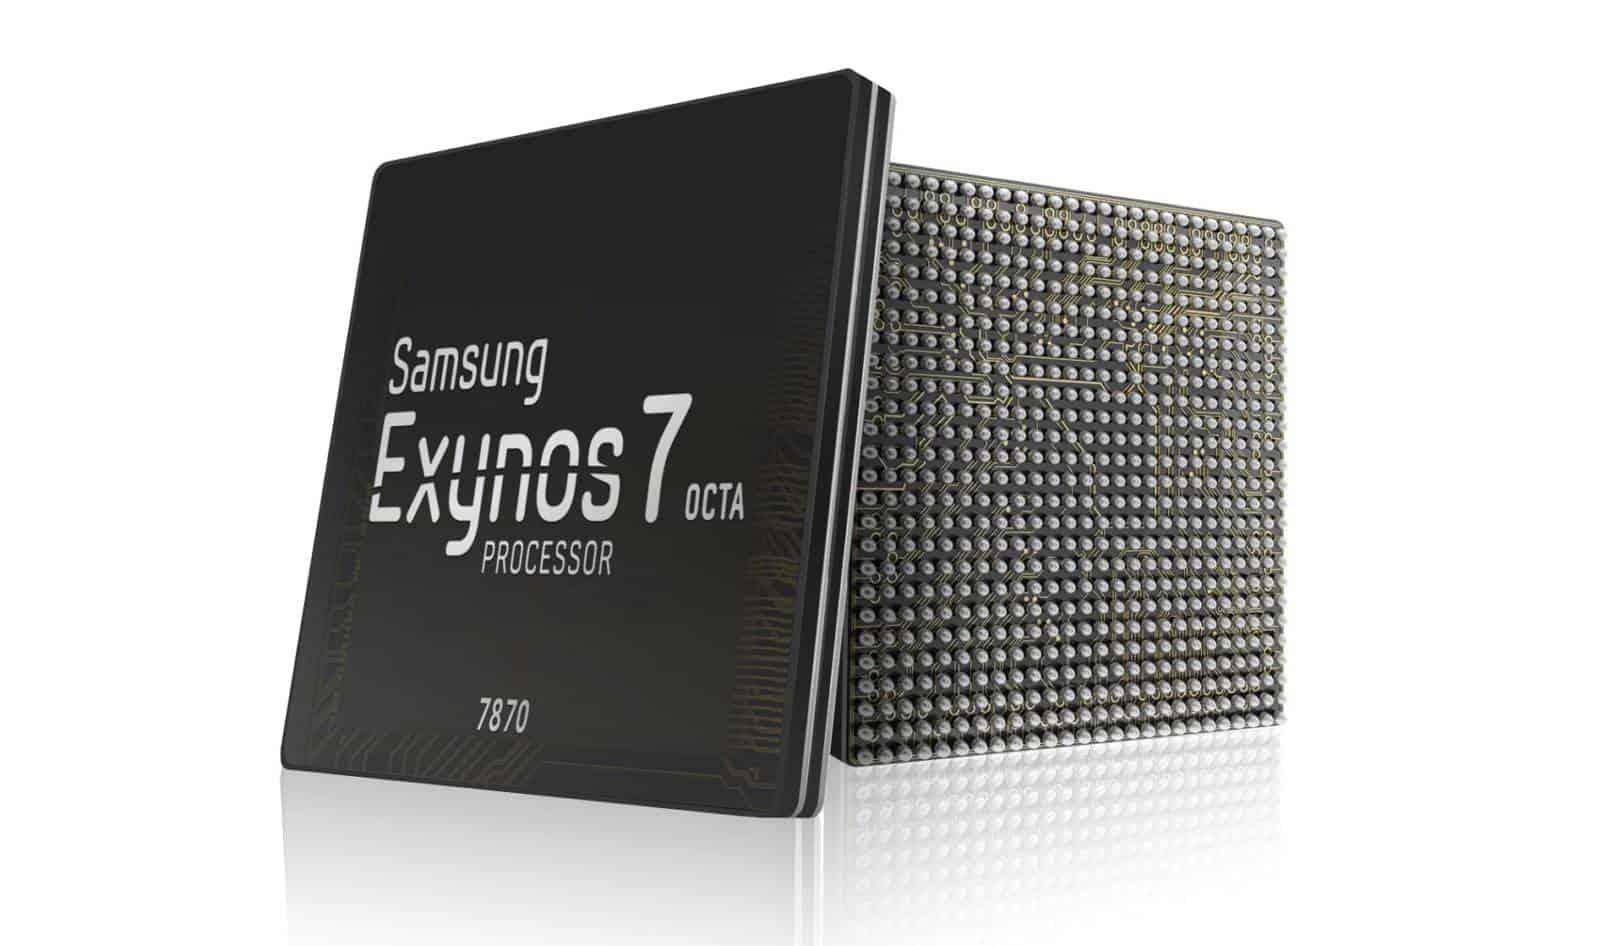 Samsung Exynos 7 - 7870 Processor